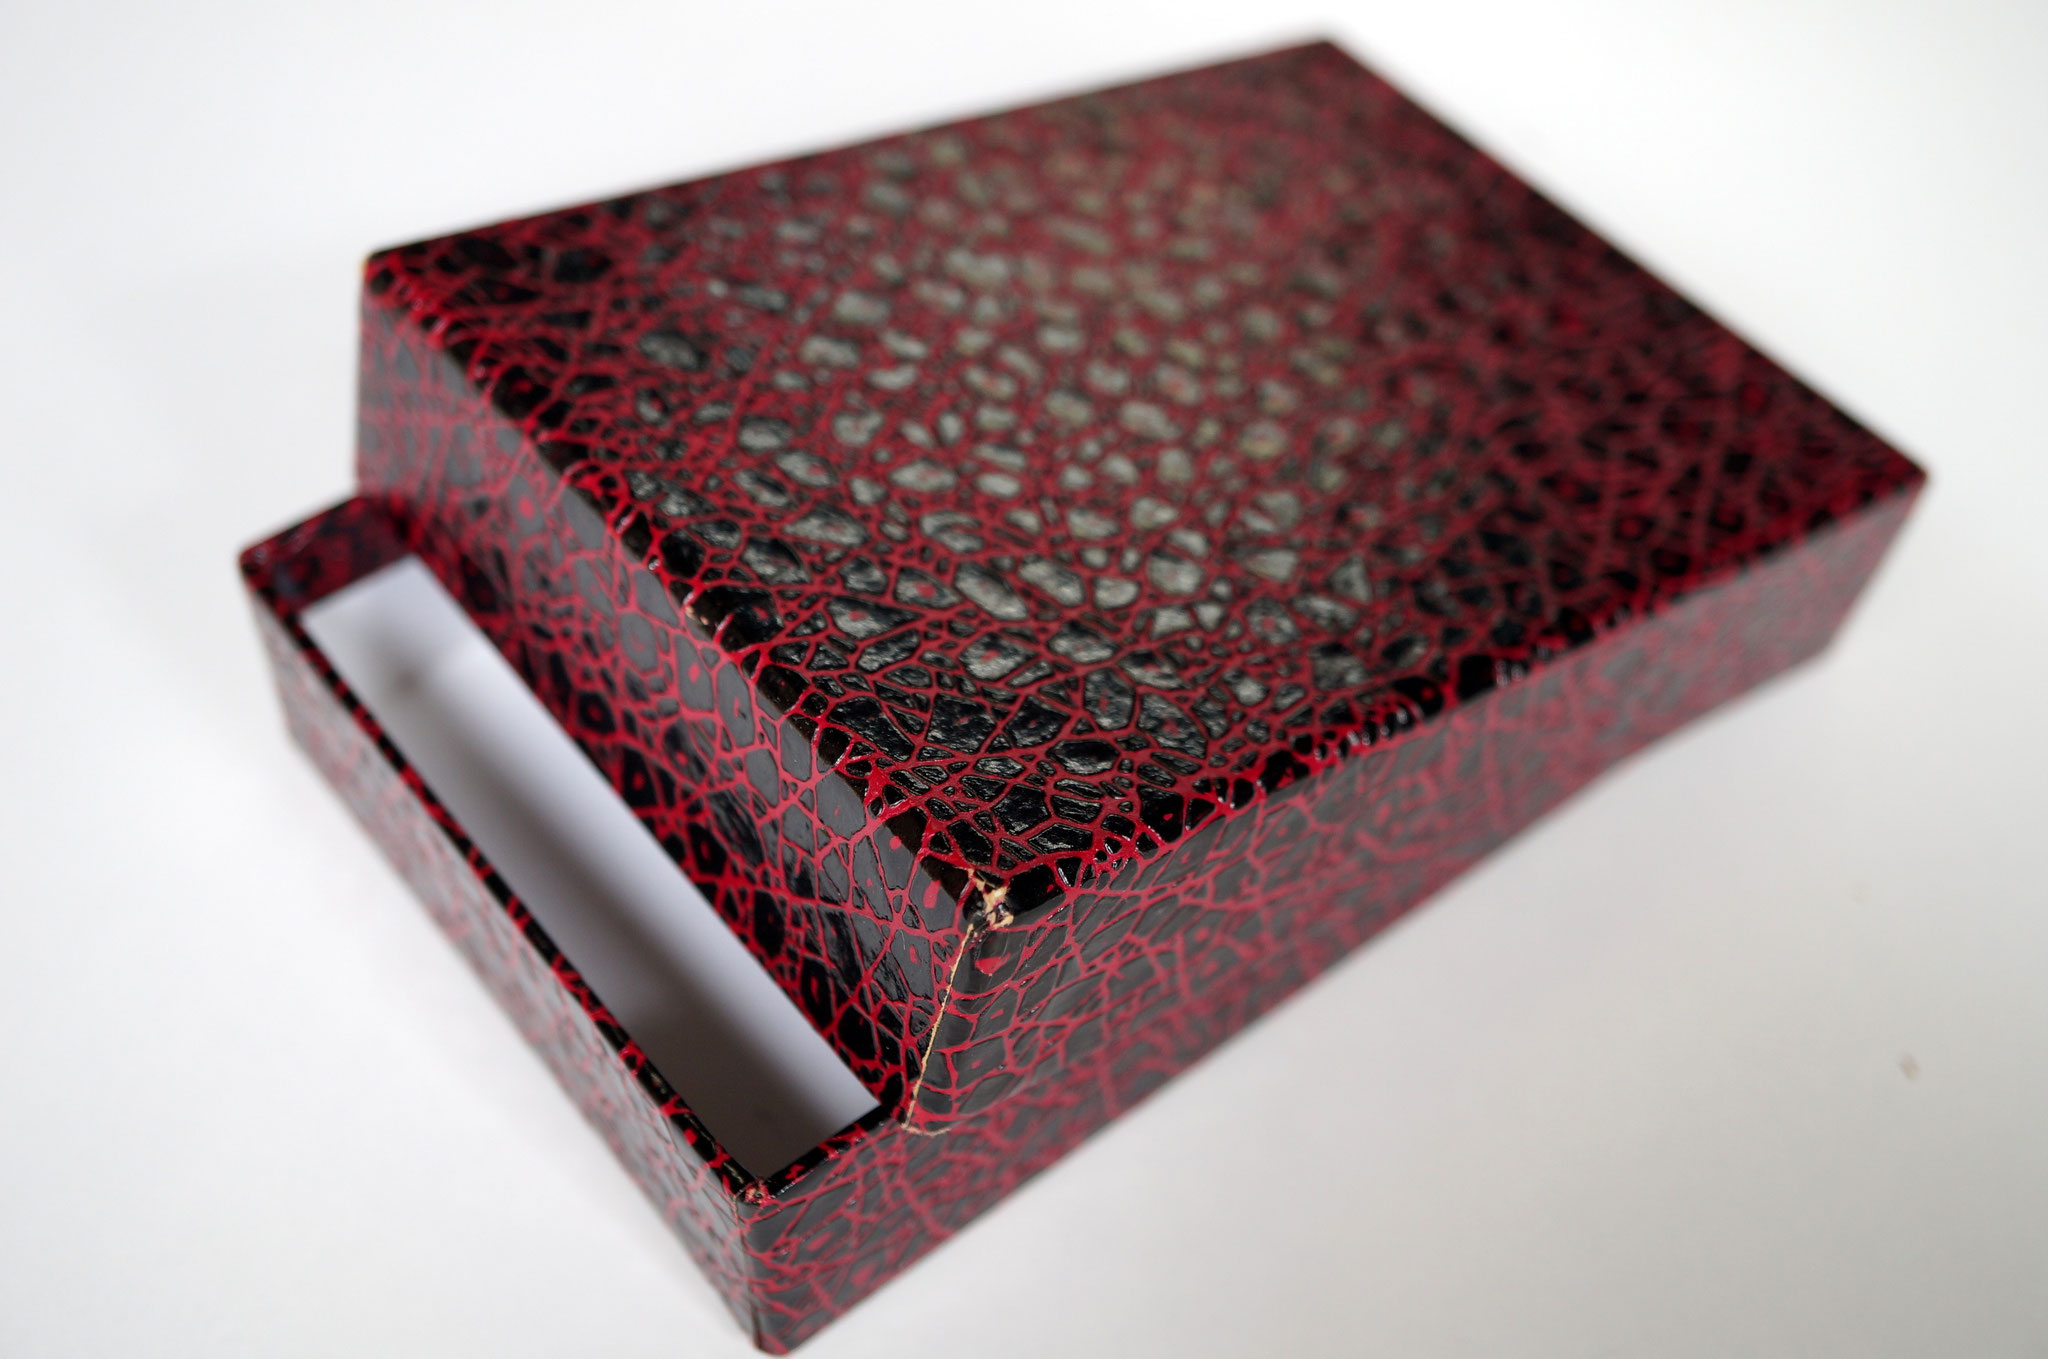 小間紙という加工紙で作製した貼り箱の事例になります